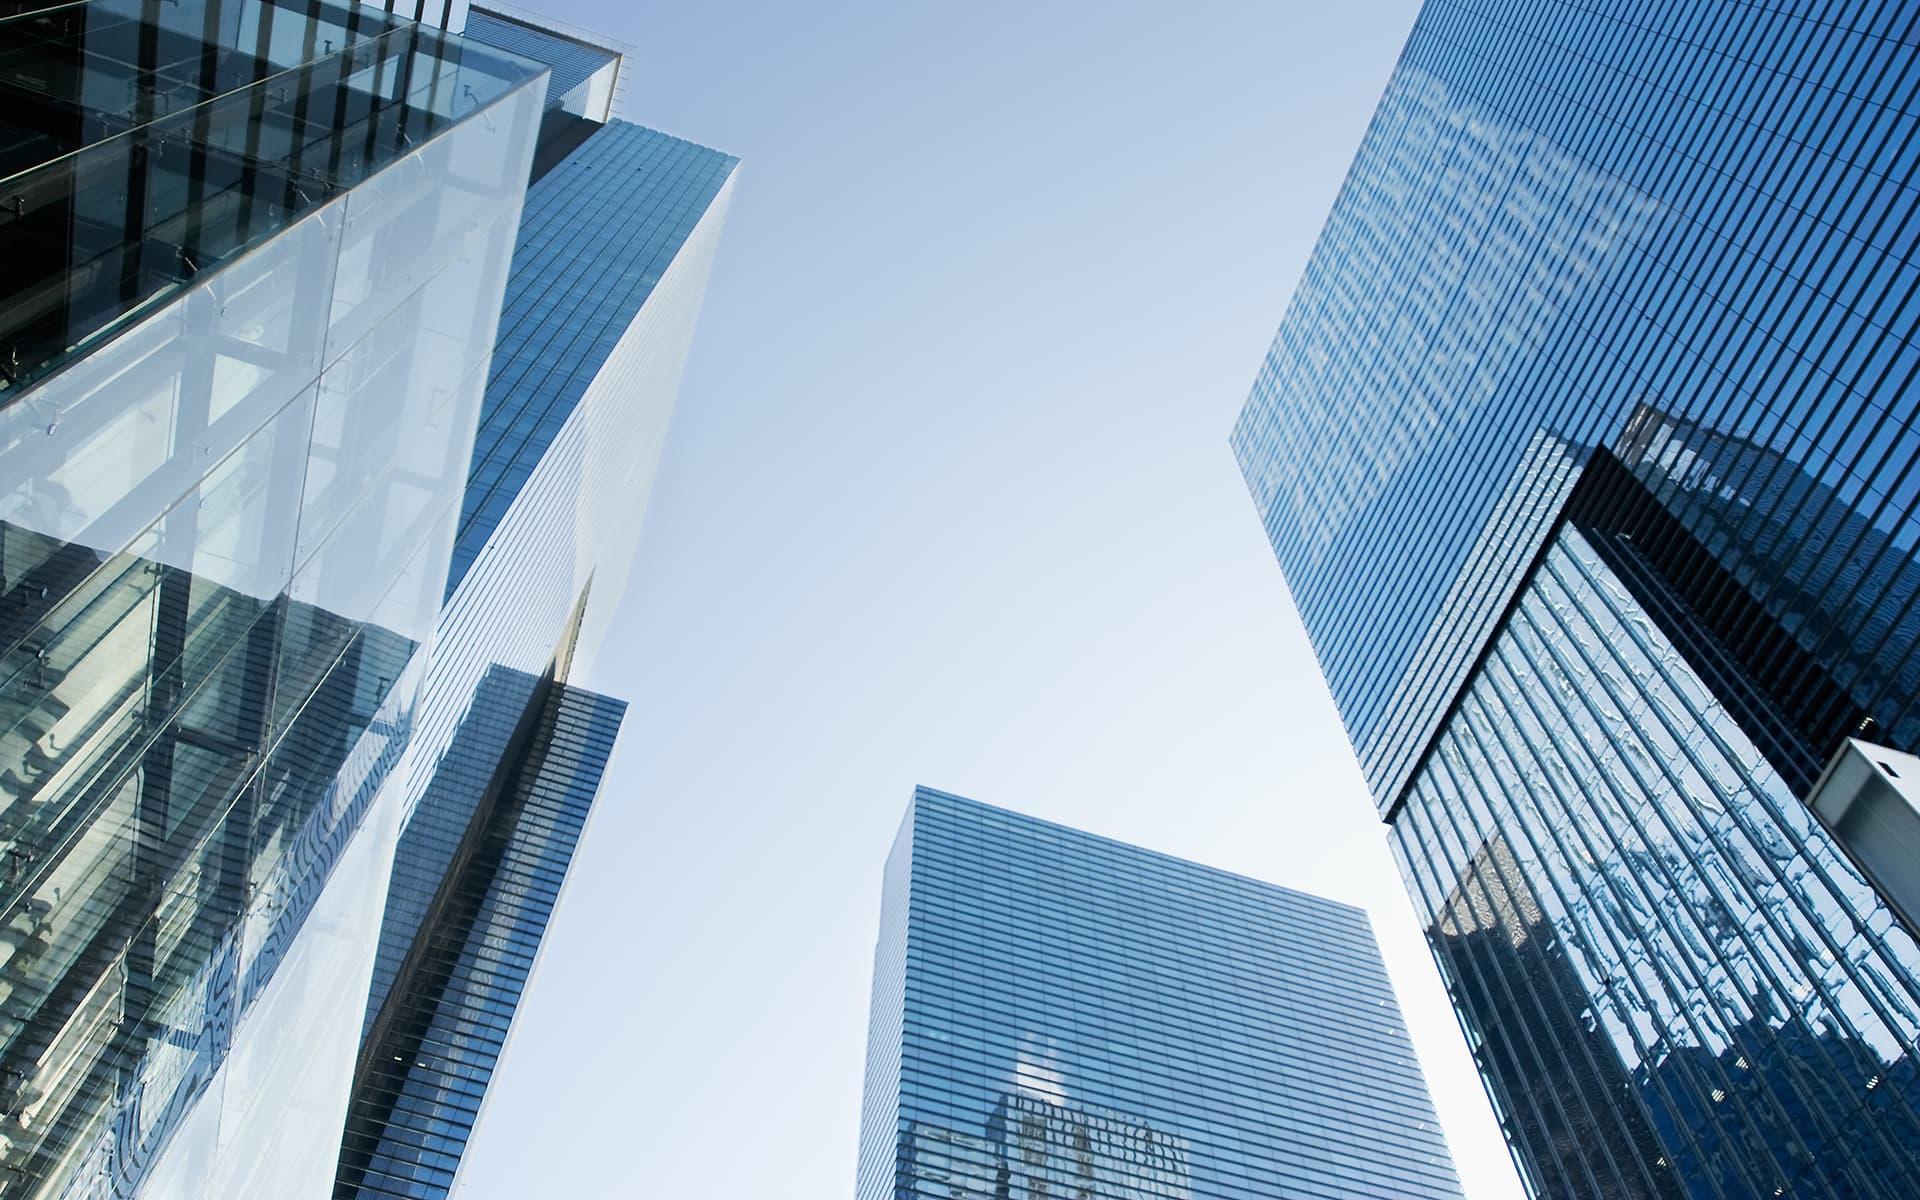 Enterprise Achitecture Management und BPM - Architektur von mehreren Wolkenkratzern